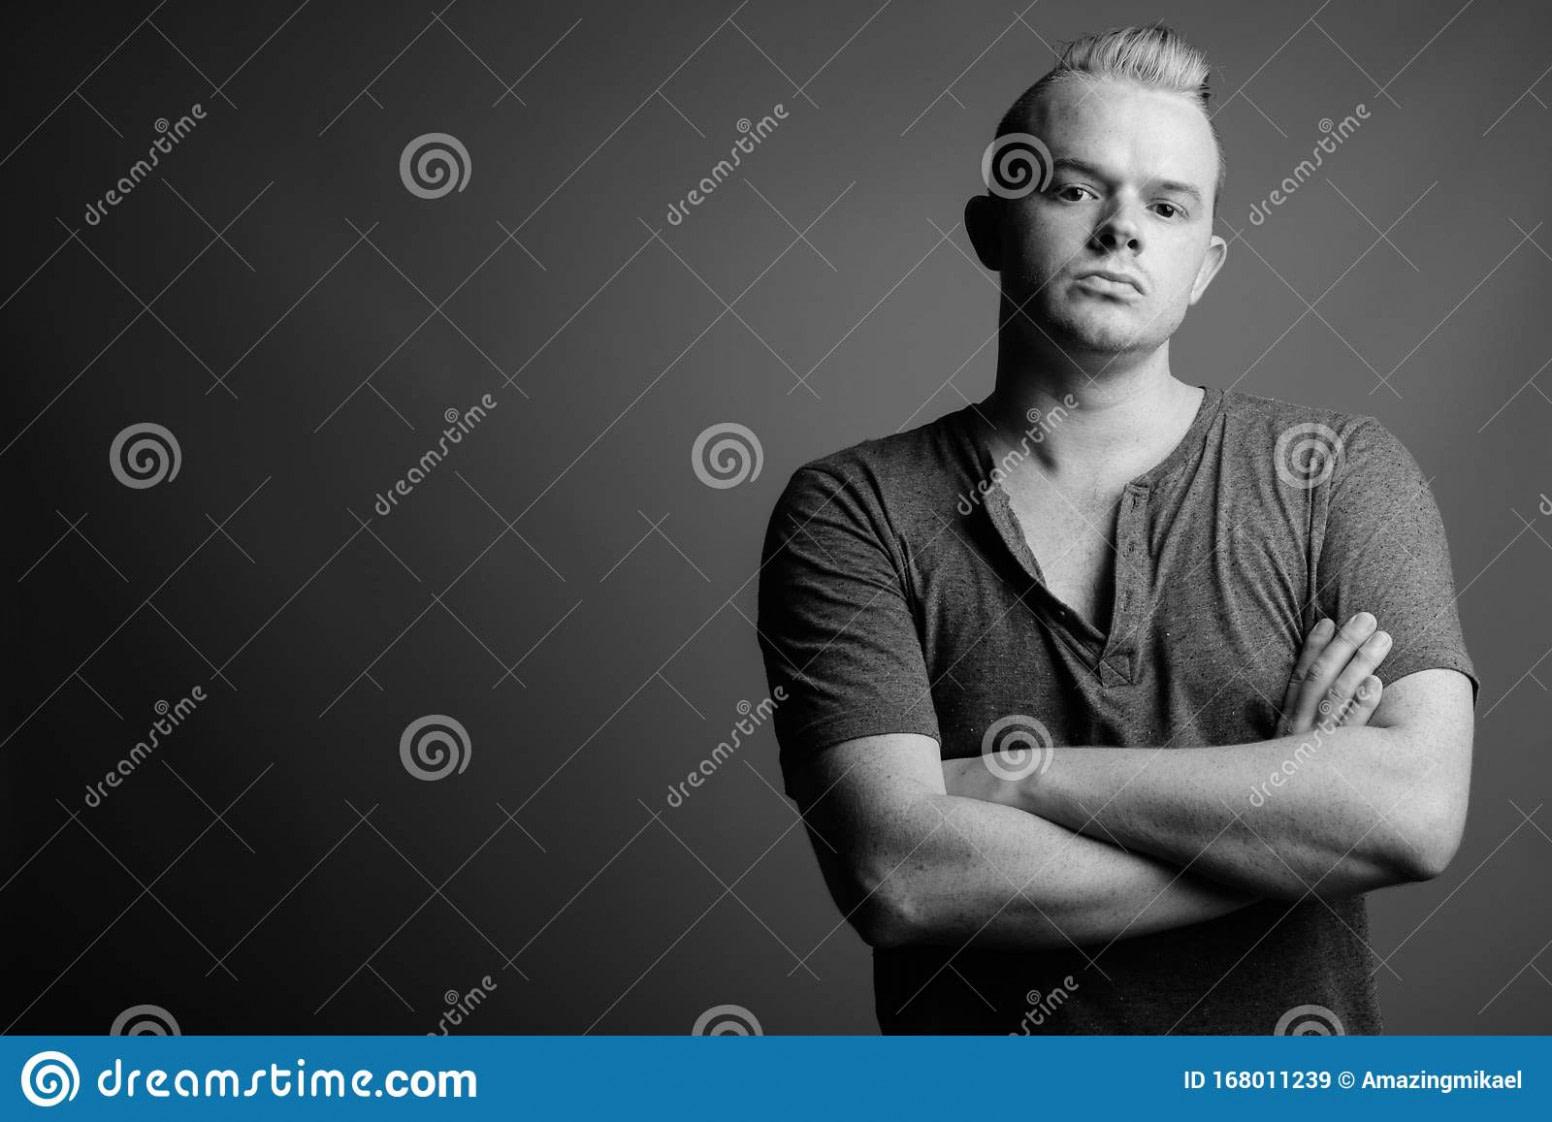 neu Mann Mit Mohawk-Frisur Und Blondem Haar Vor Graugrauem Hintergrund  - moderne irokesen frisur männer